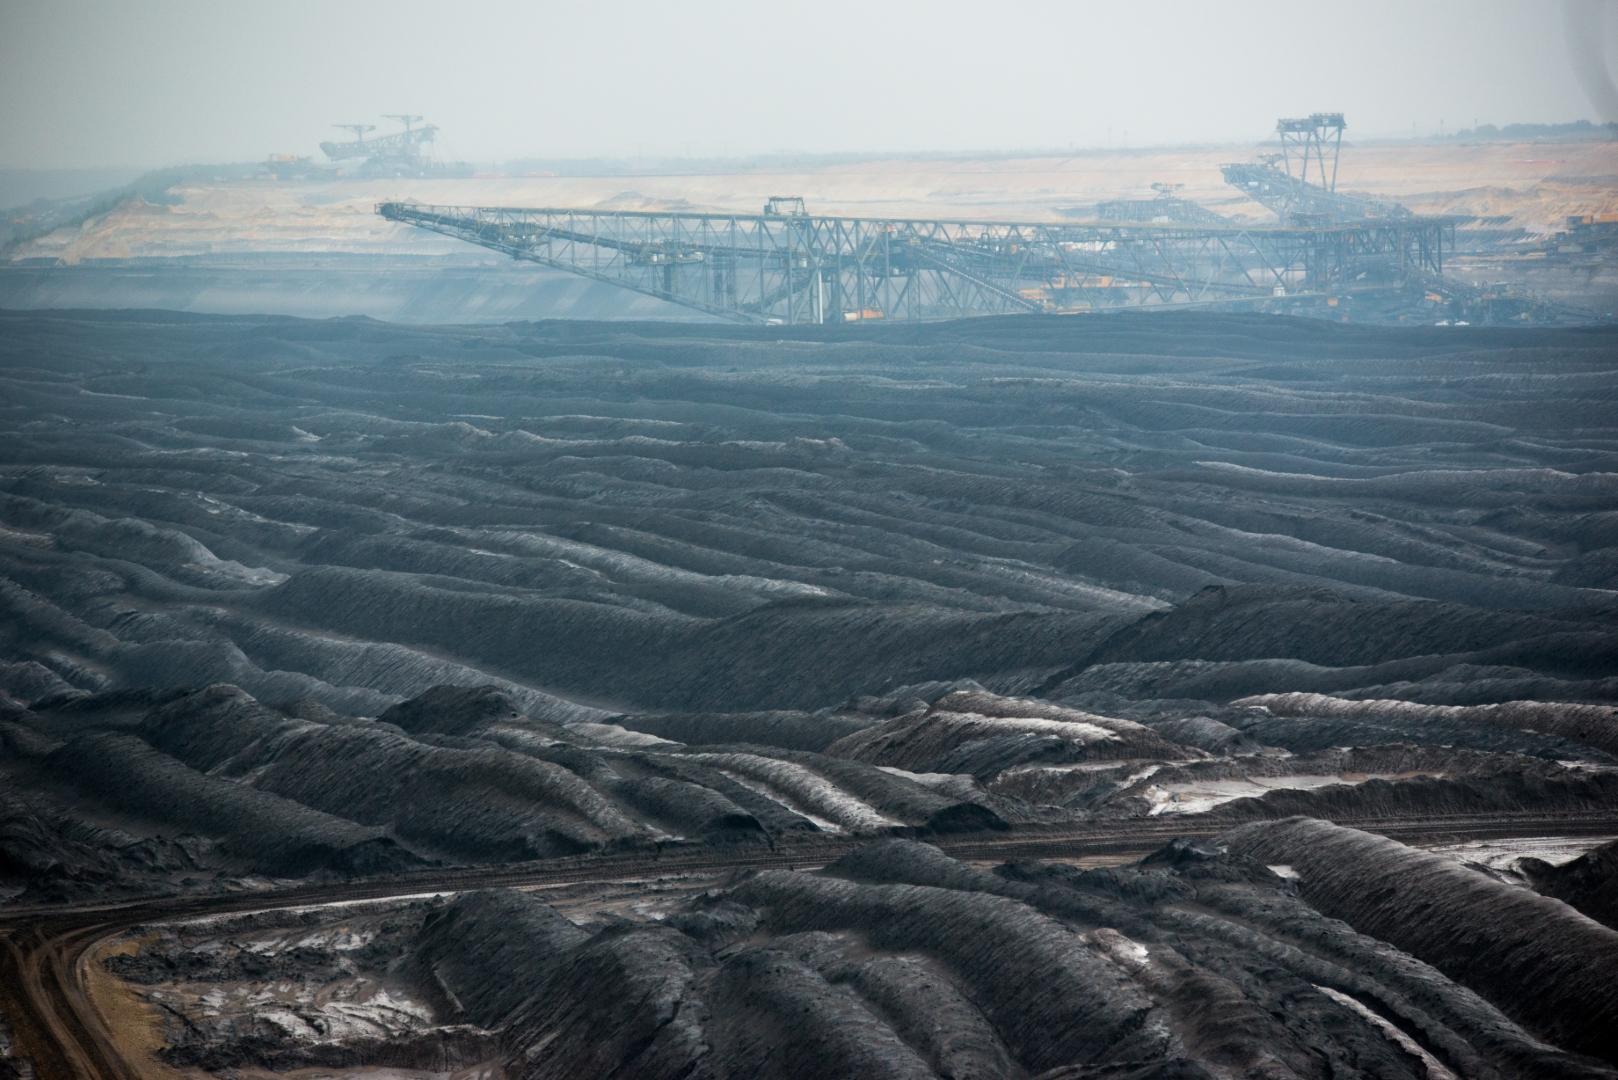 Erholung der Weltwirtschaft auf Kosten des Klimas